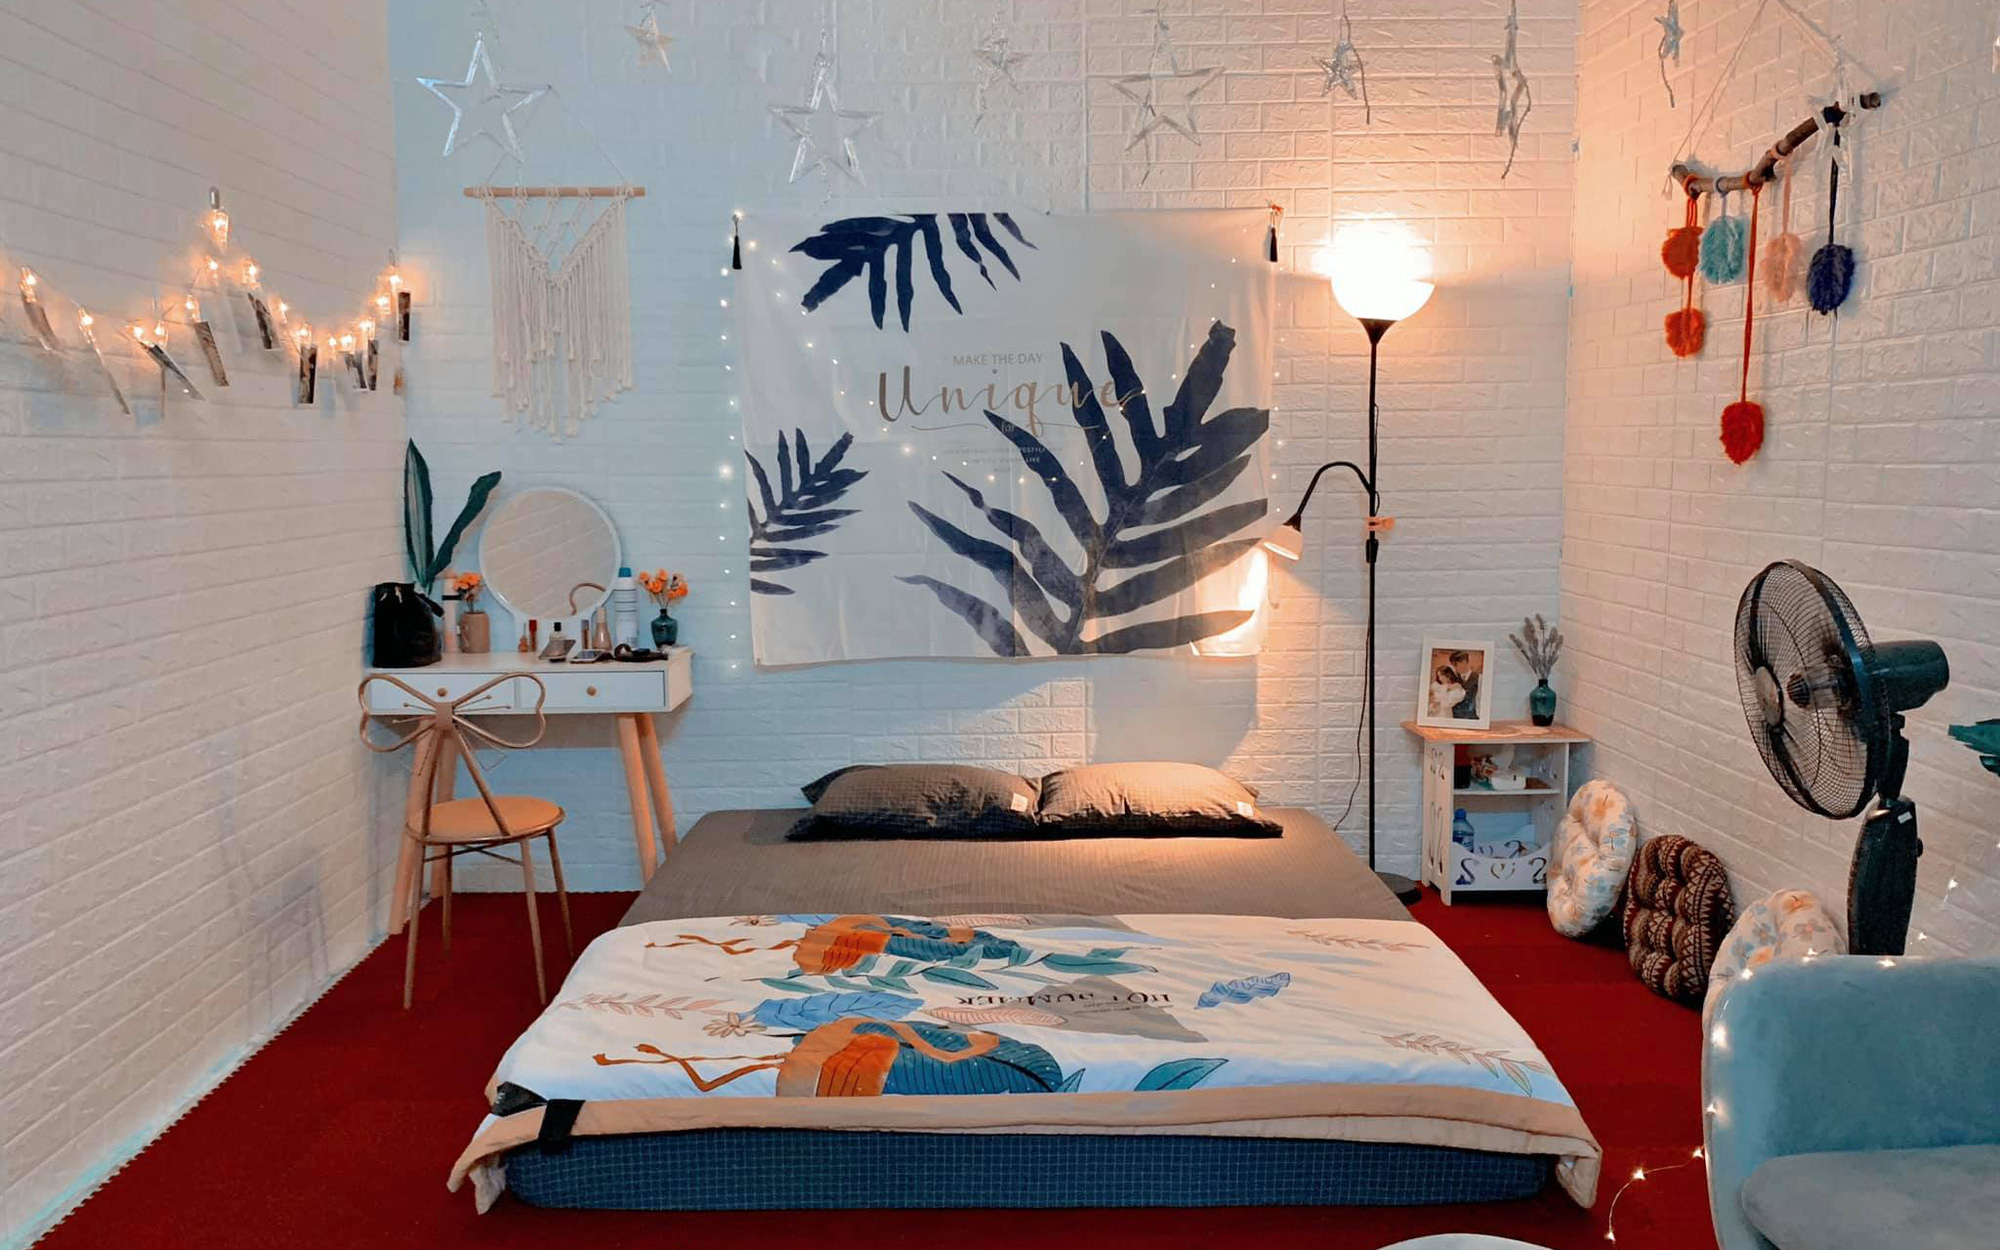 Gợi ý cách tự tay decor phòng 15m² cực chill từ A đến Z với 10 món đồ nội thất, chi phí chỉ 2 triệu đồng